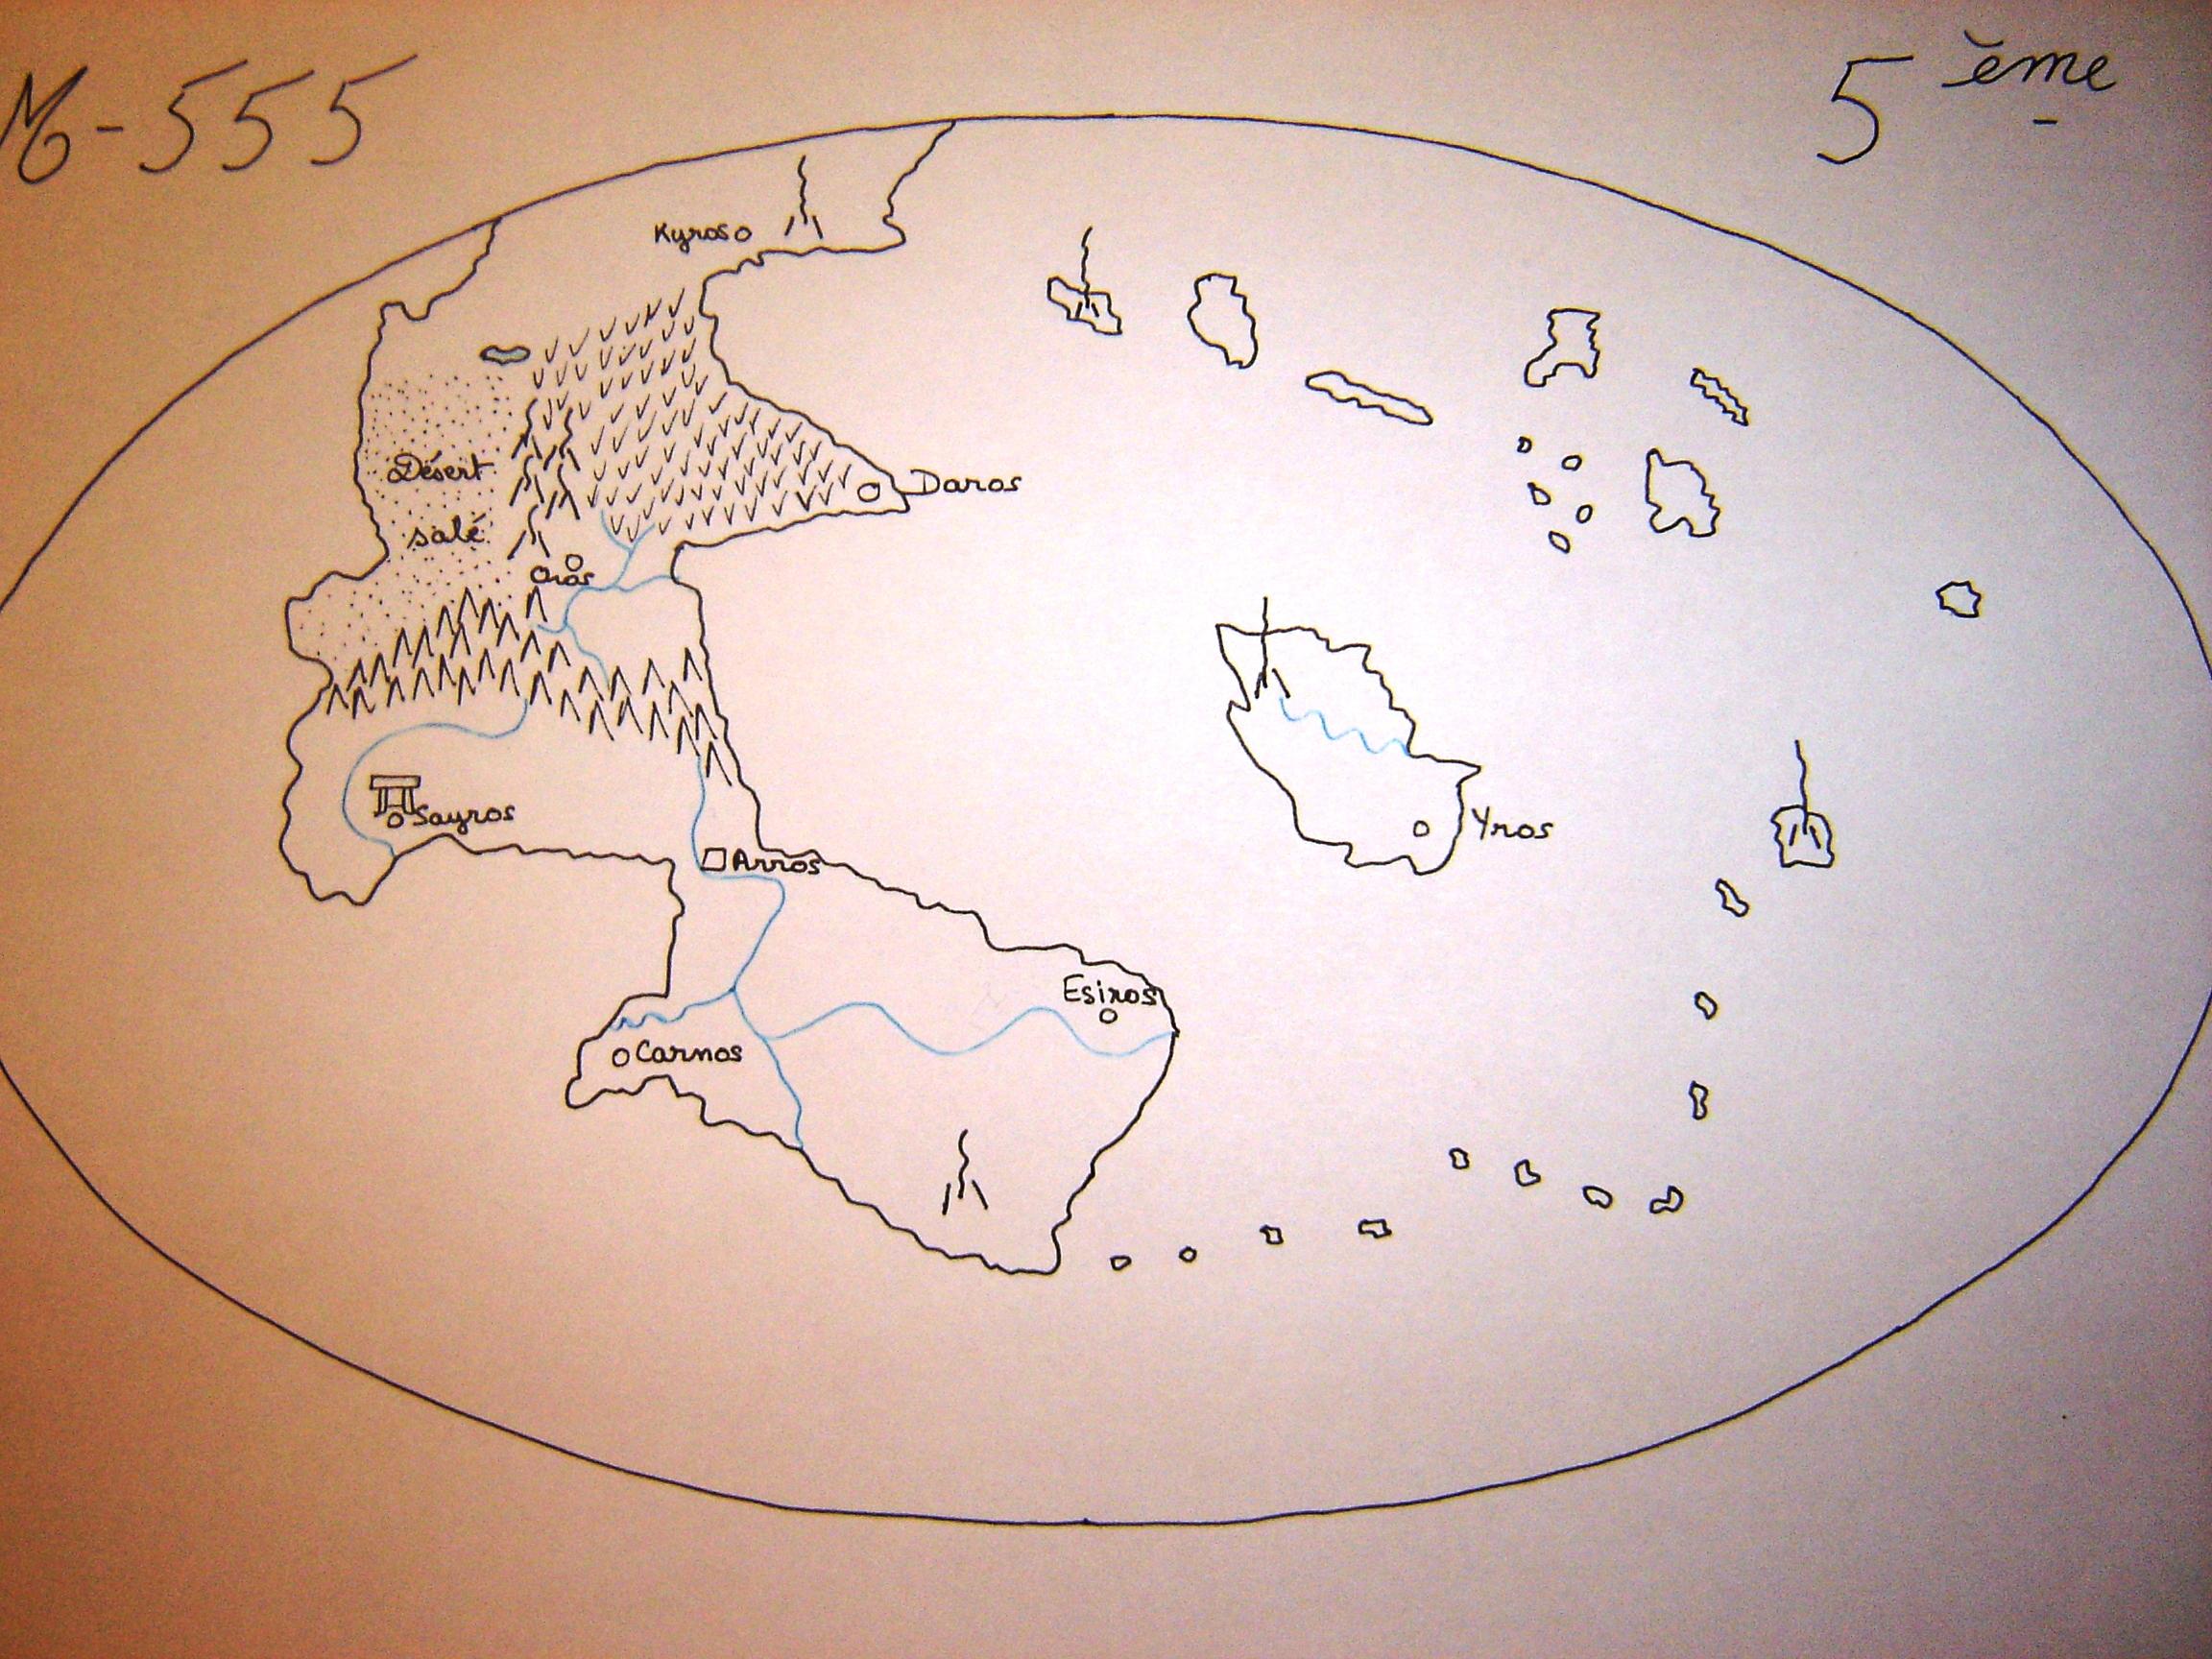 5eme royaume villes